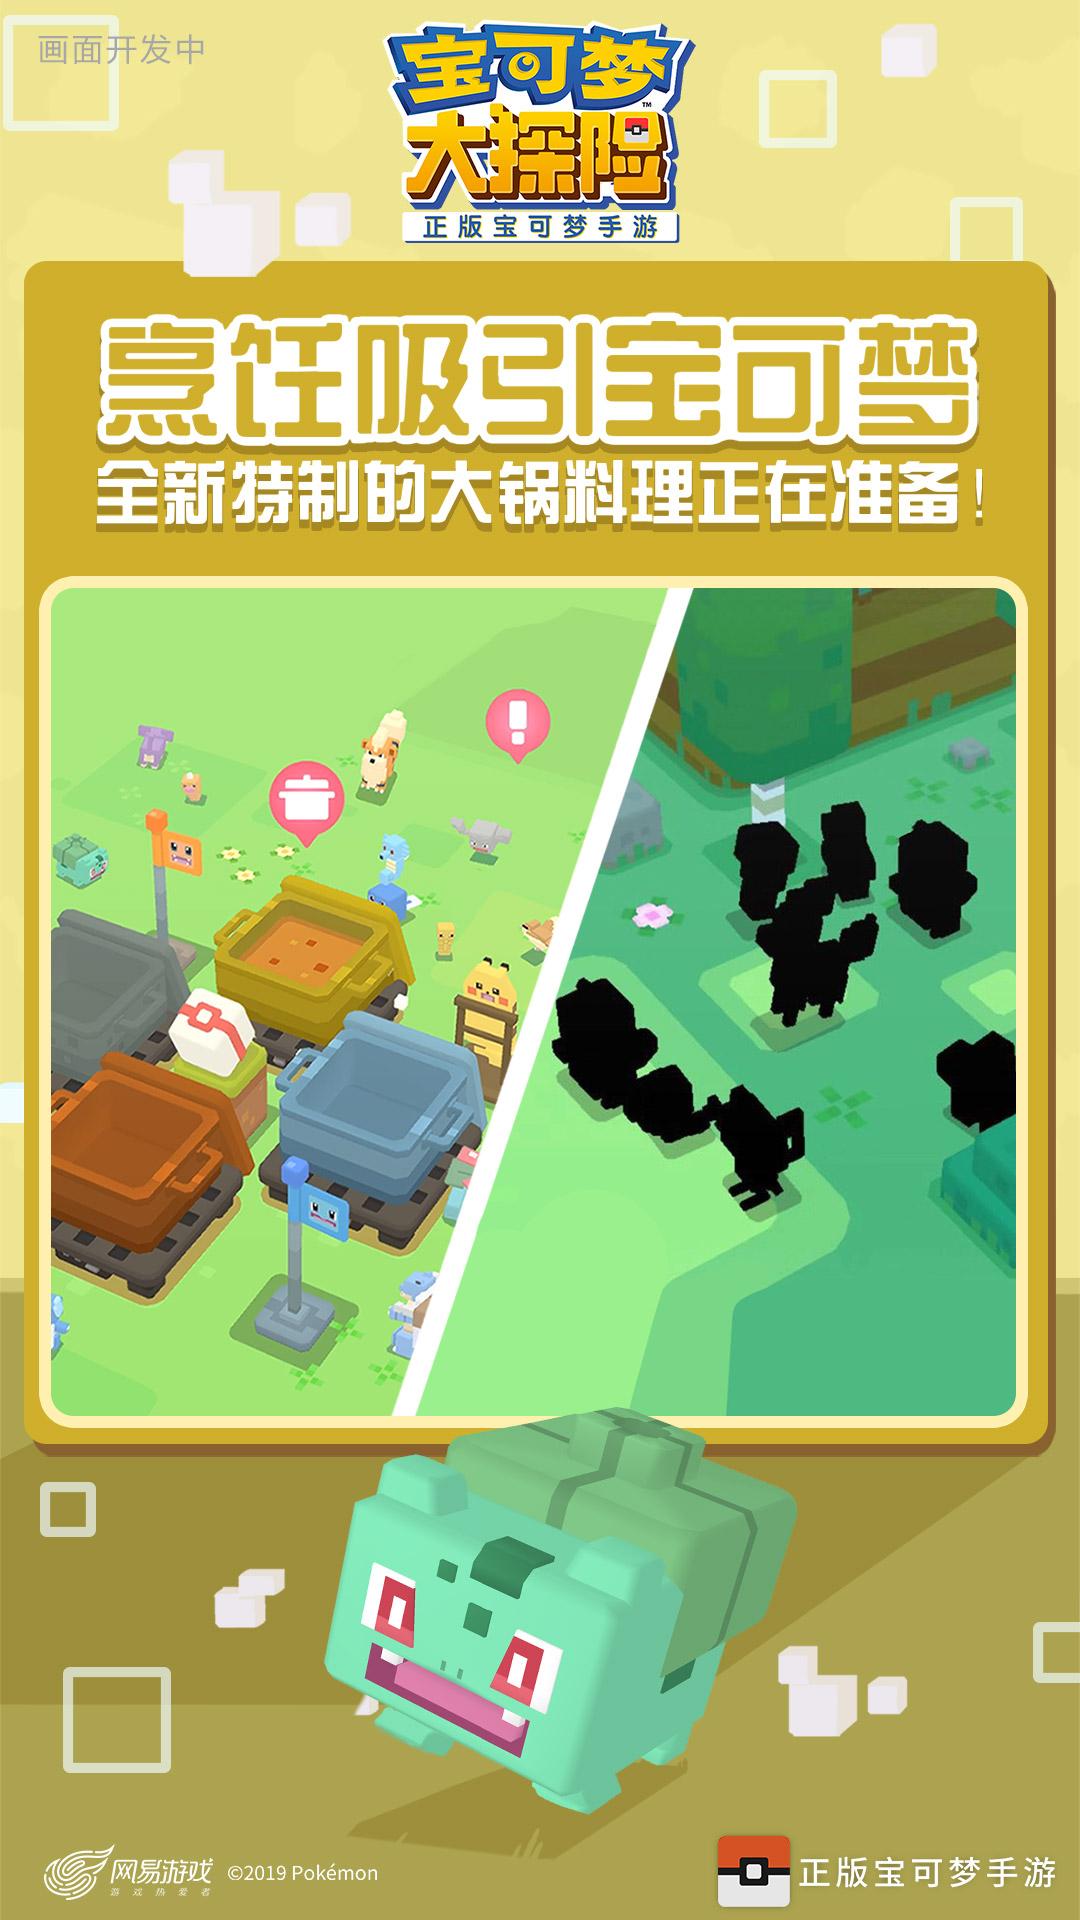 宝可梦大探险游戏截图